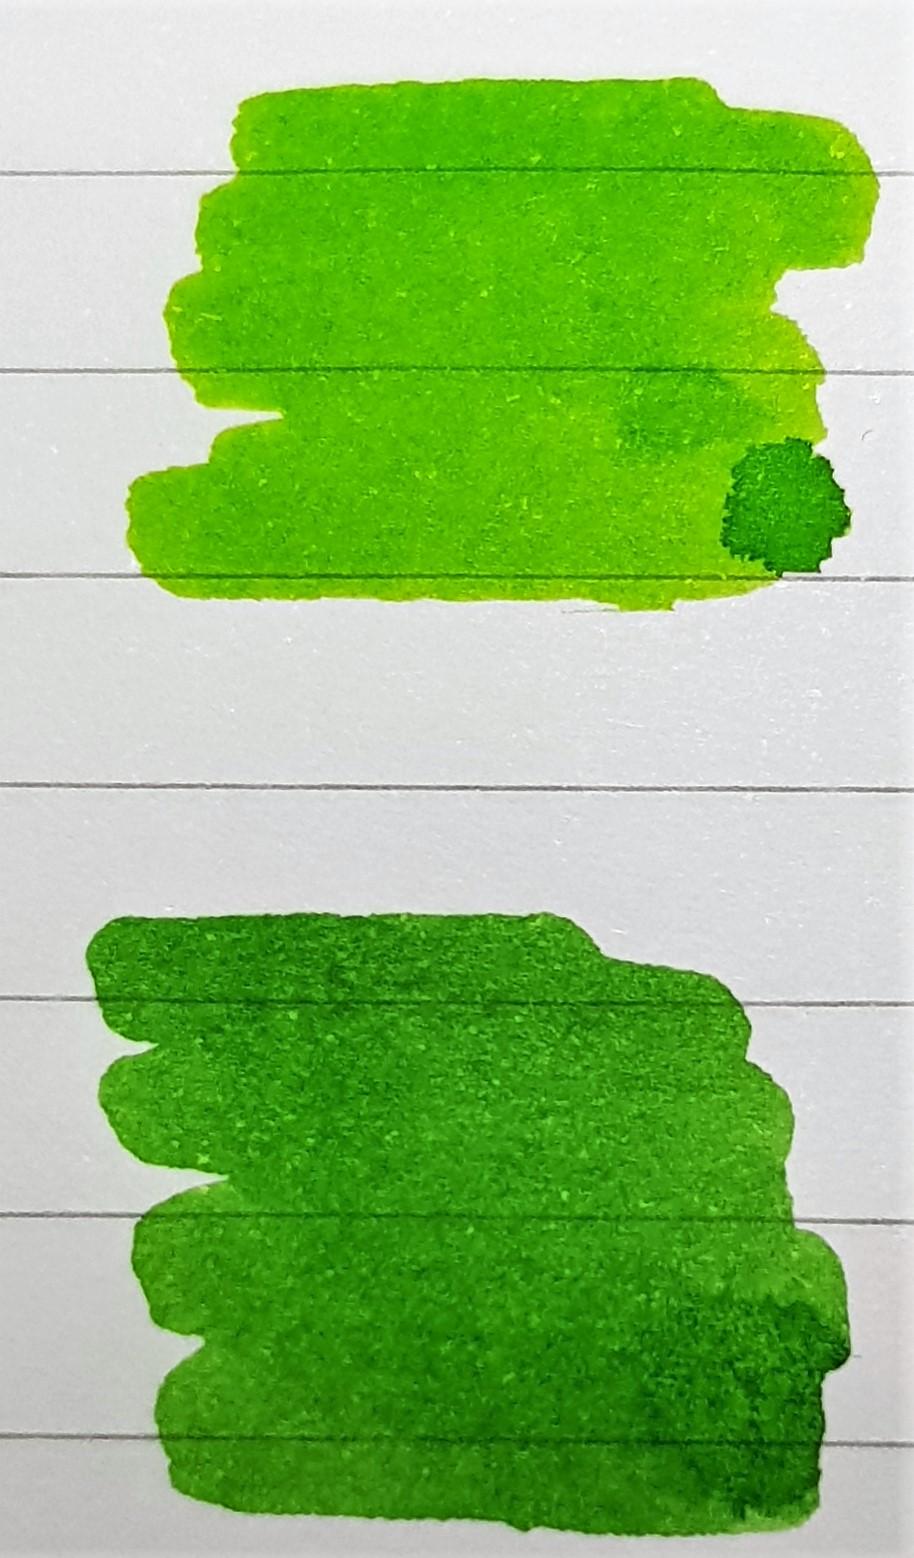 fpn_1542750591__greens.jpg